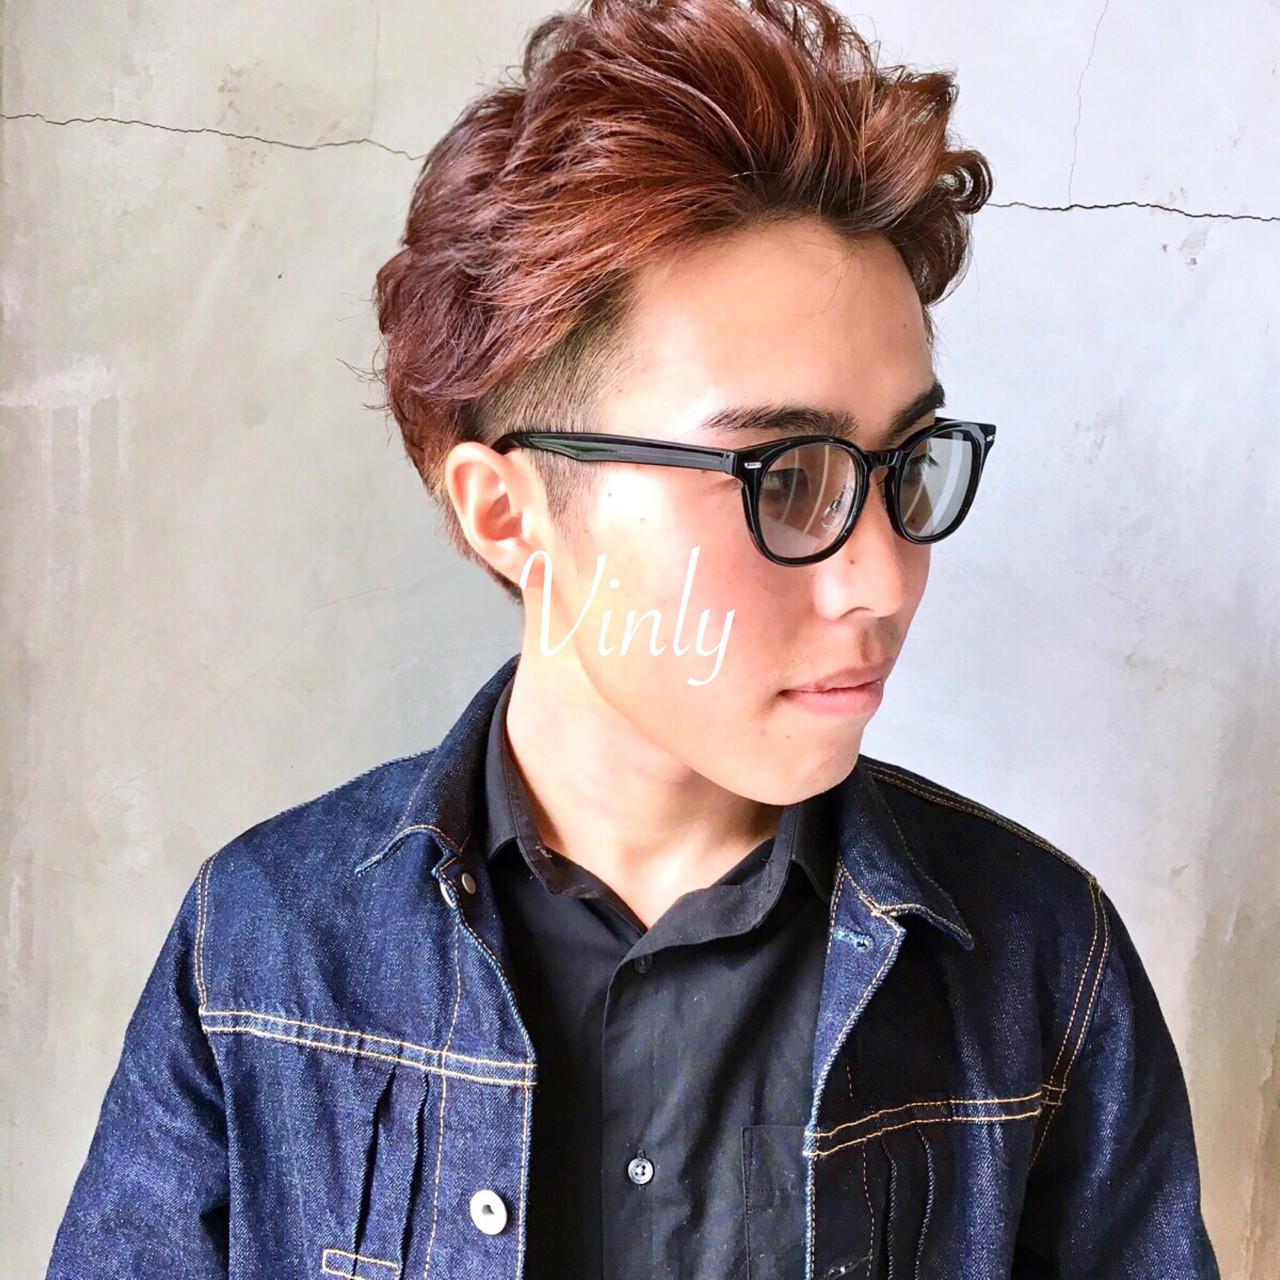 ナチュラル ヘアアレンジ デート ゆるふわ ヘアスタイルや髪型の写真・画像 | norihiko yoshimoto / Vinly hair salon